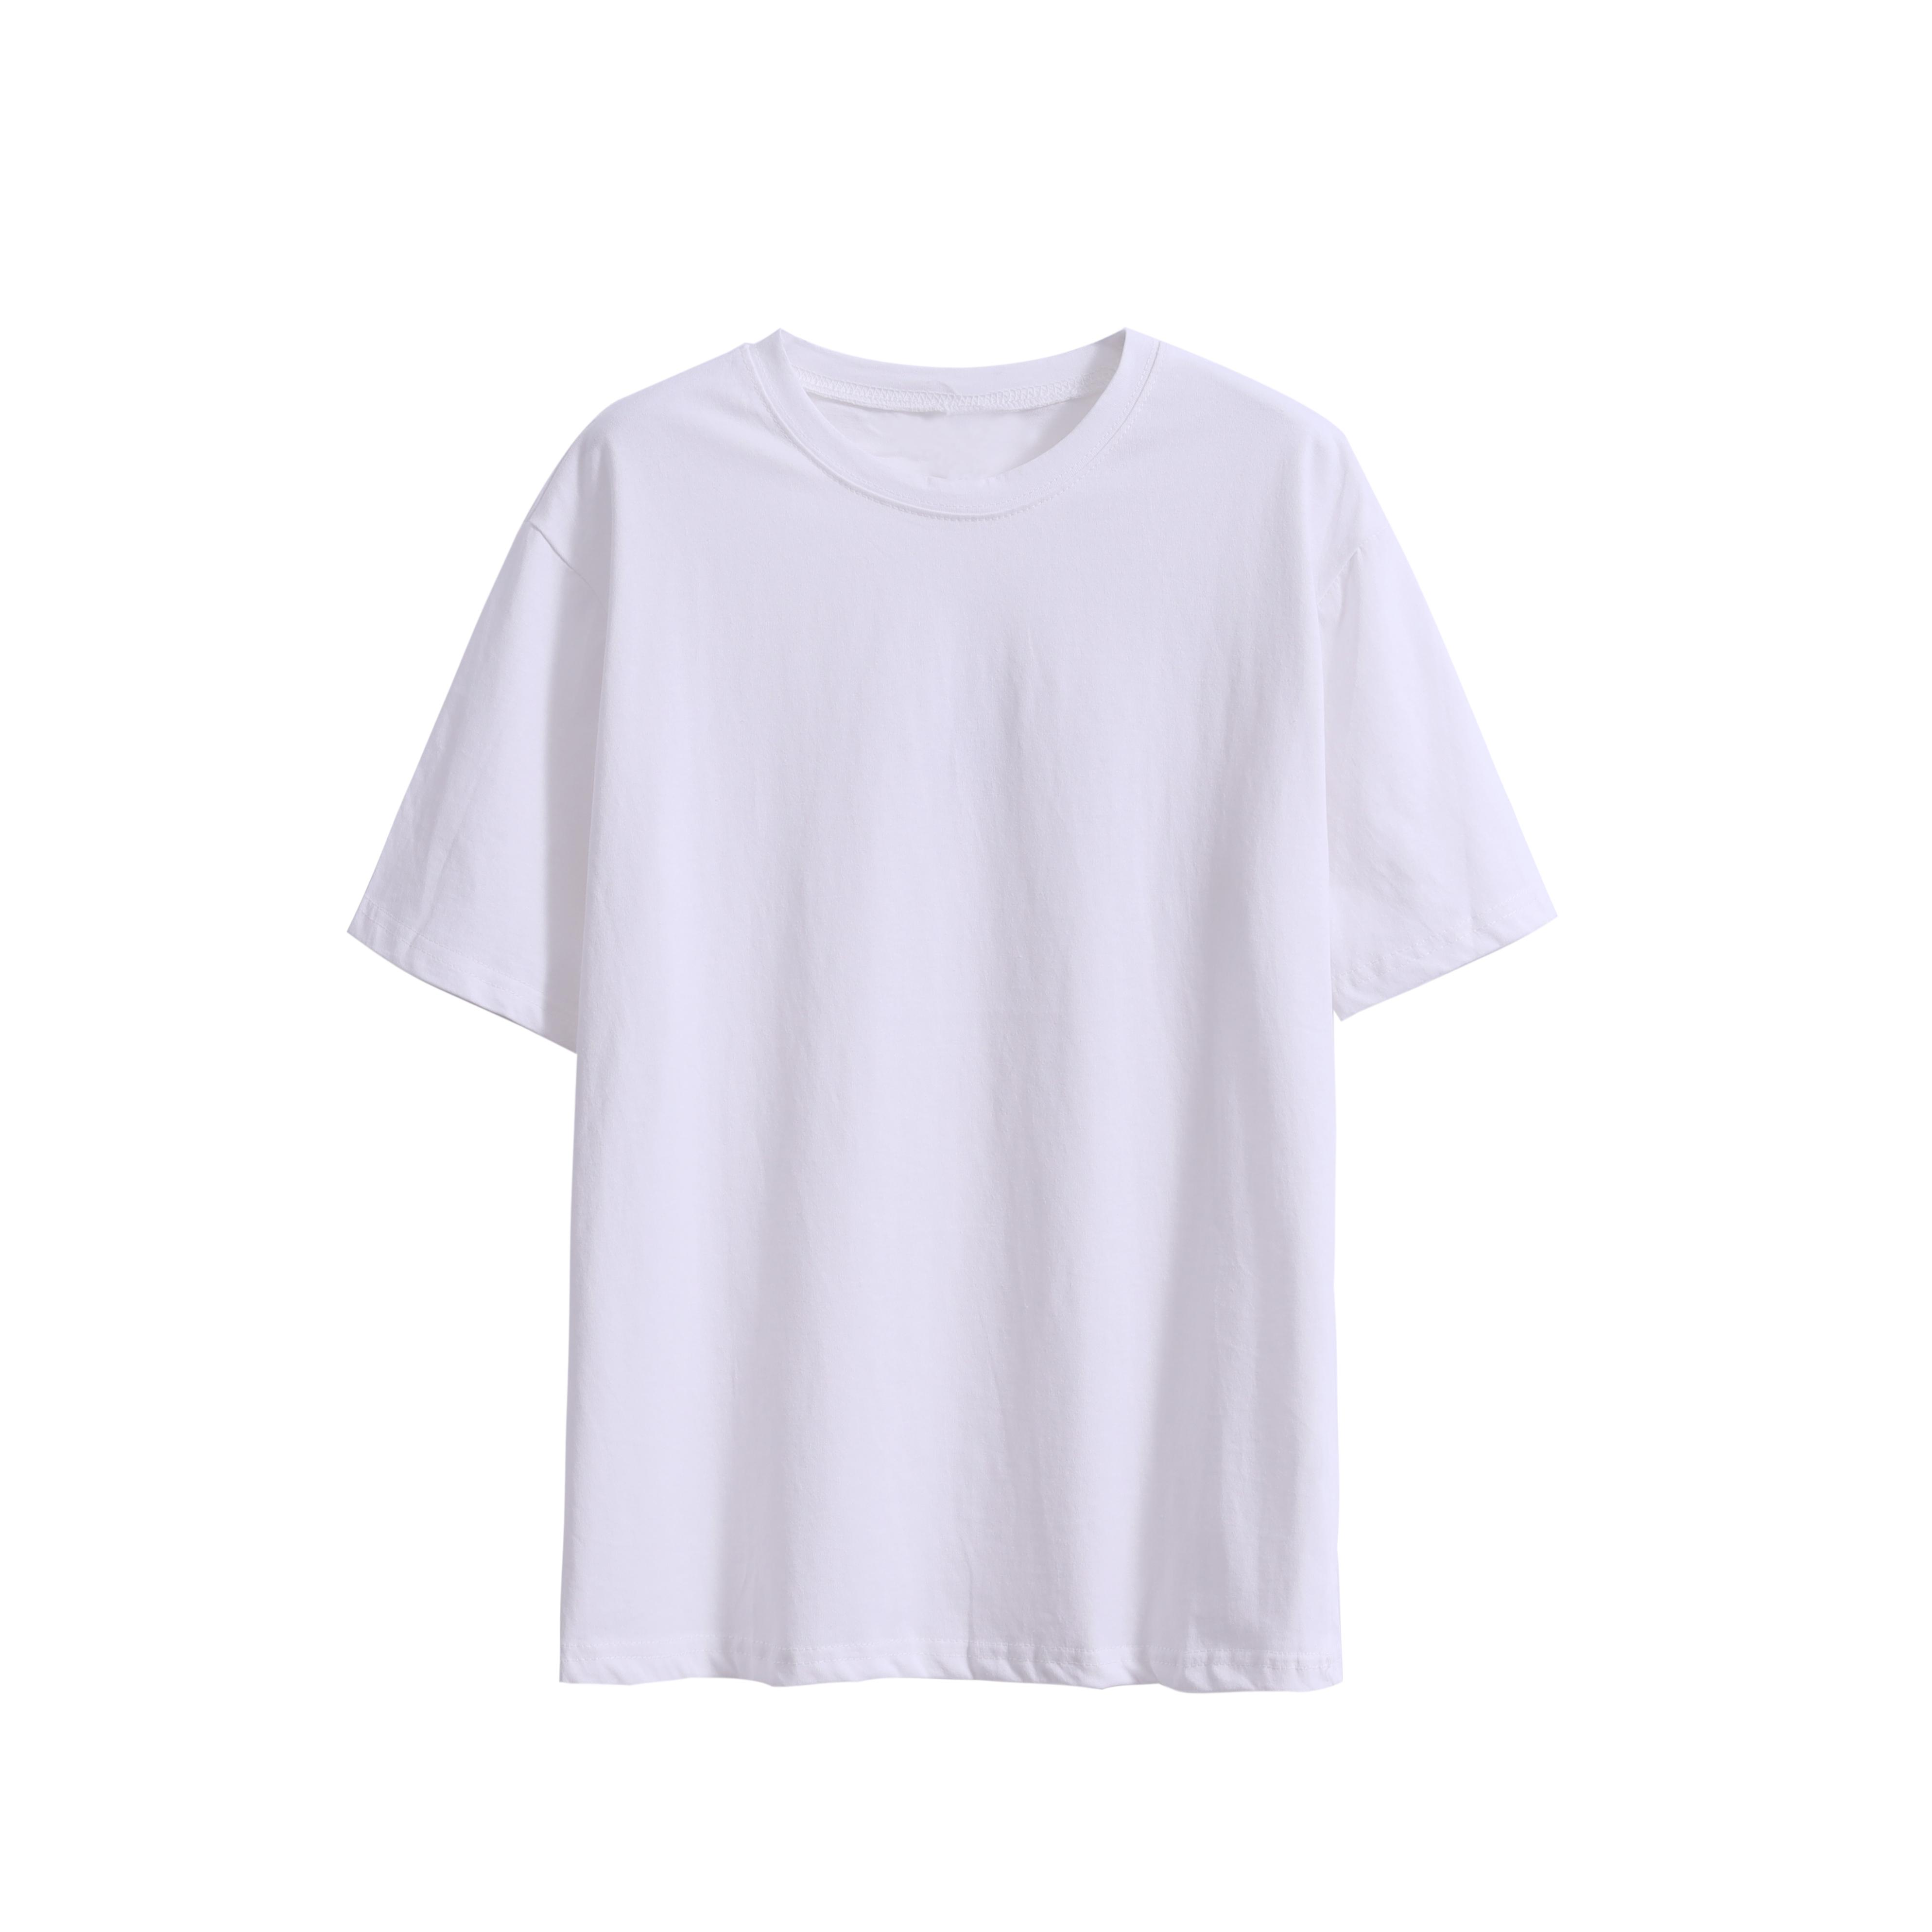 樱田川岛2020新款夏季网红纯色宽松打底衫纯棉T恤上衣短袖女ins潮